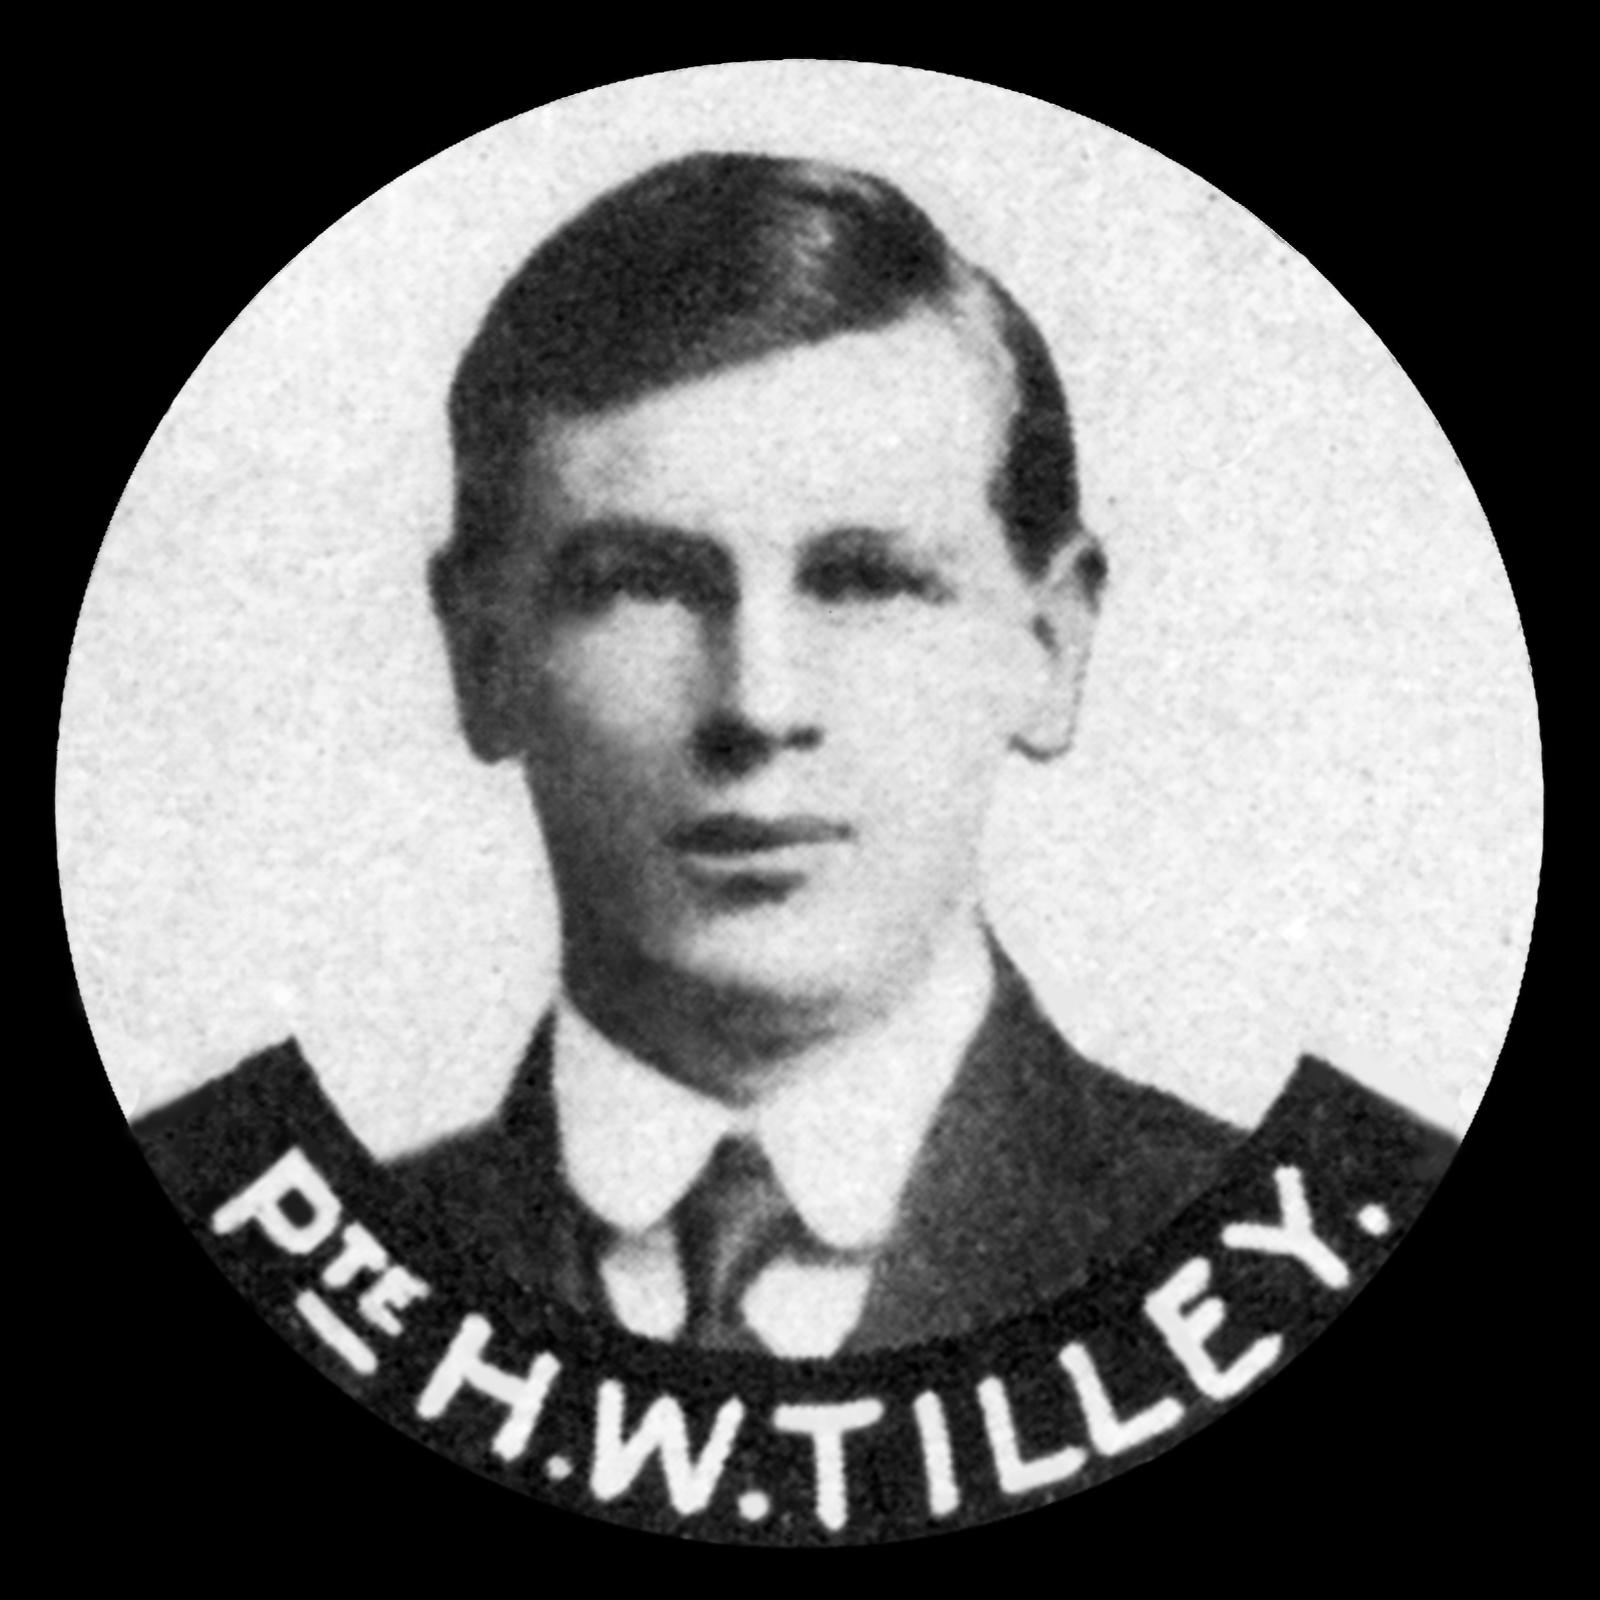 TILLEY Herbert William